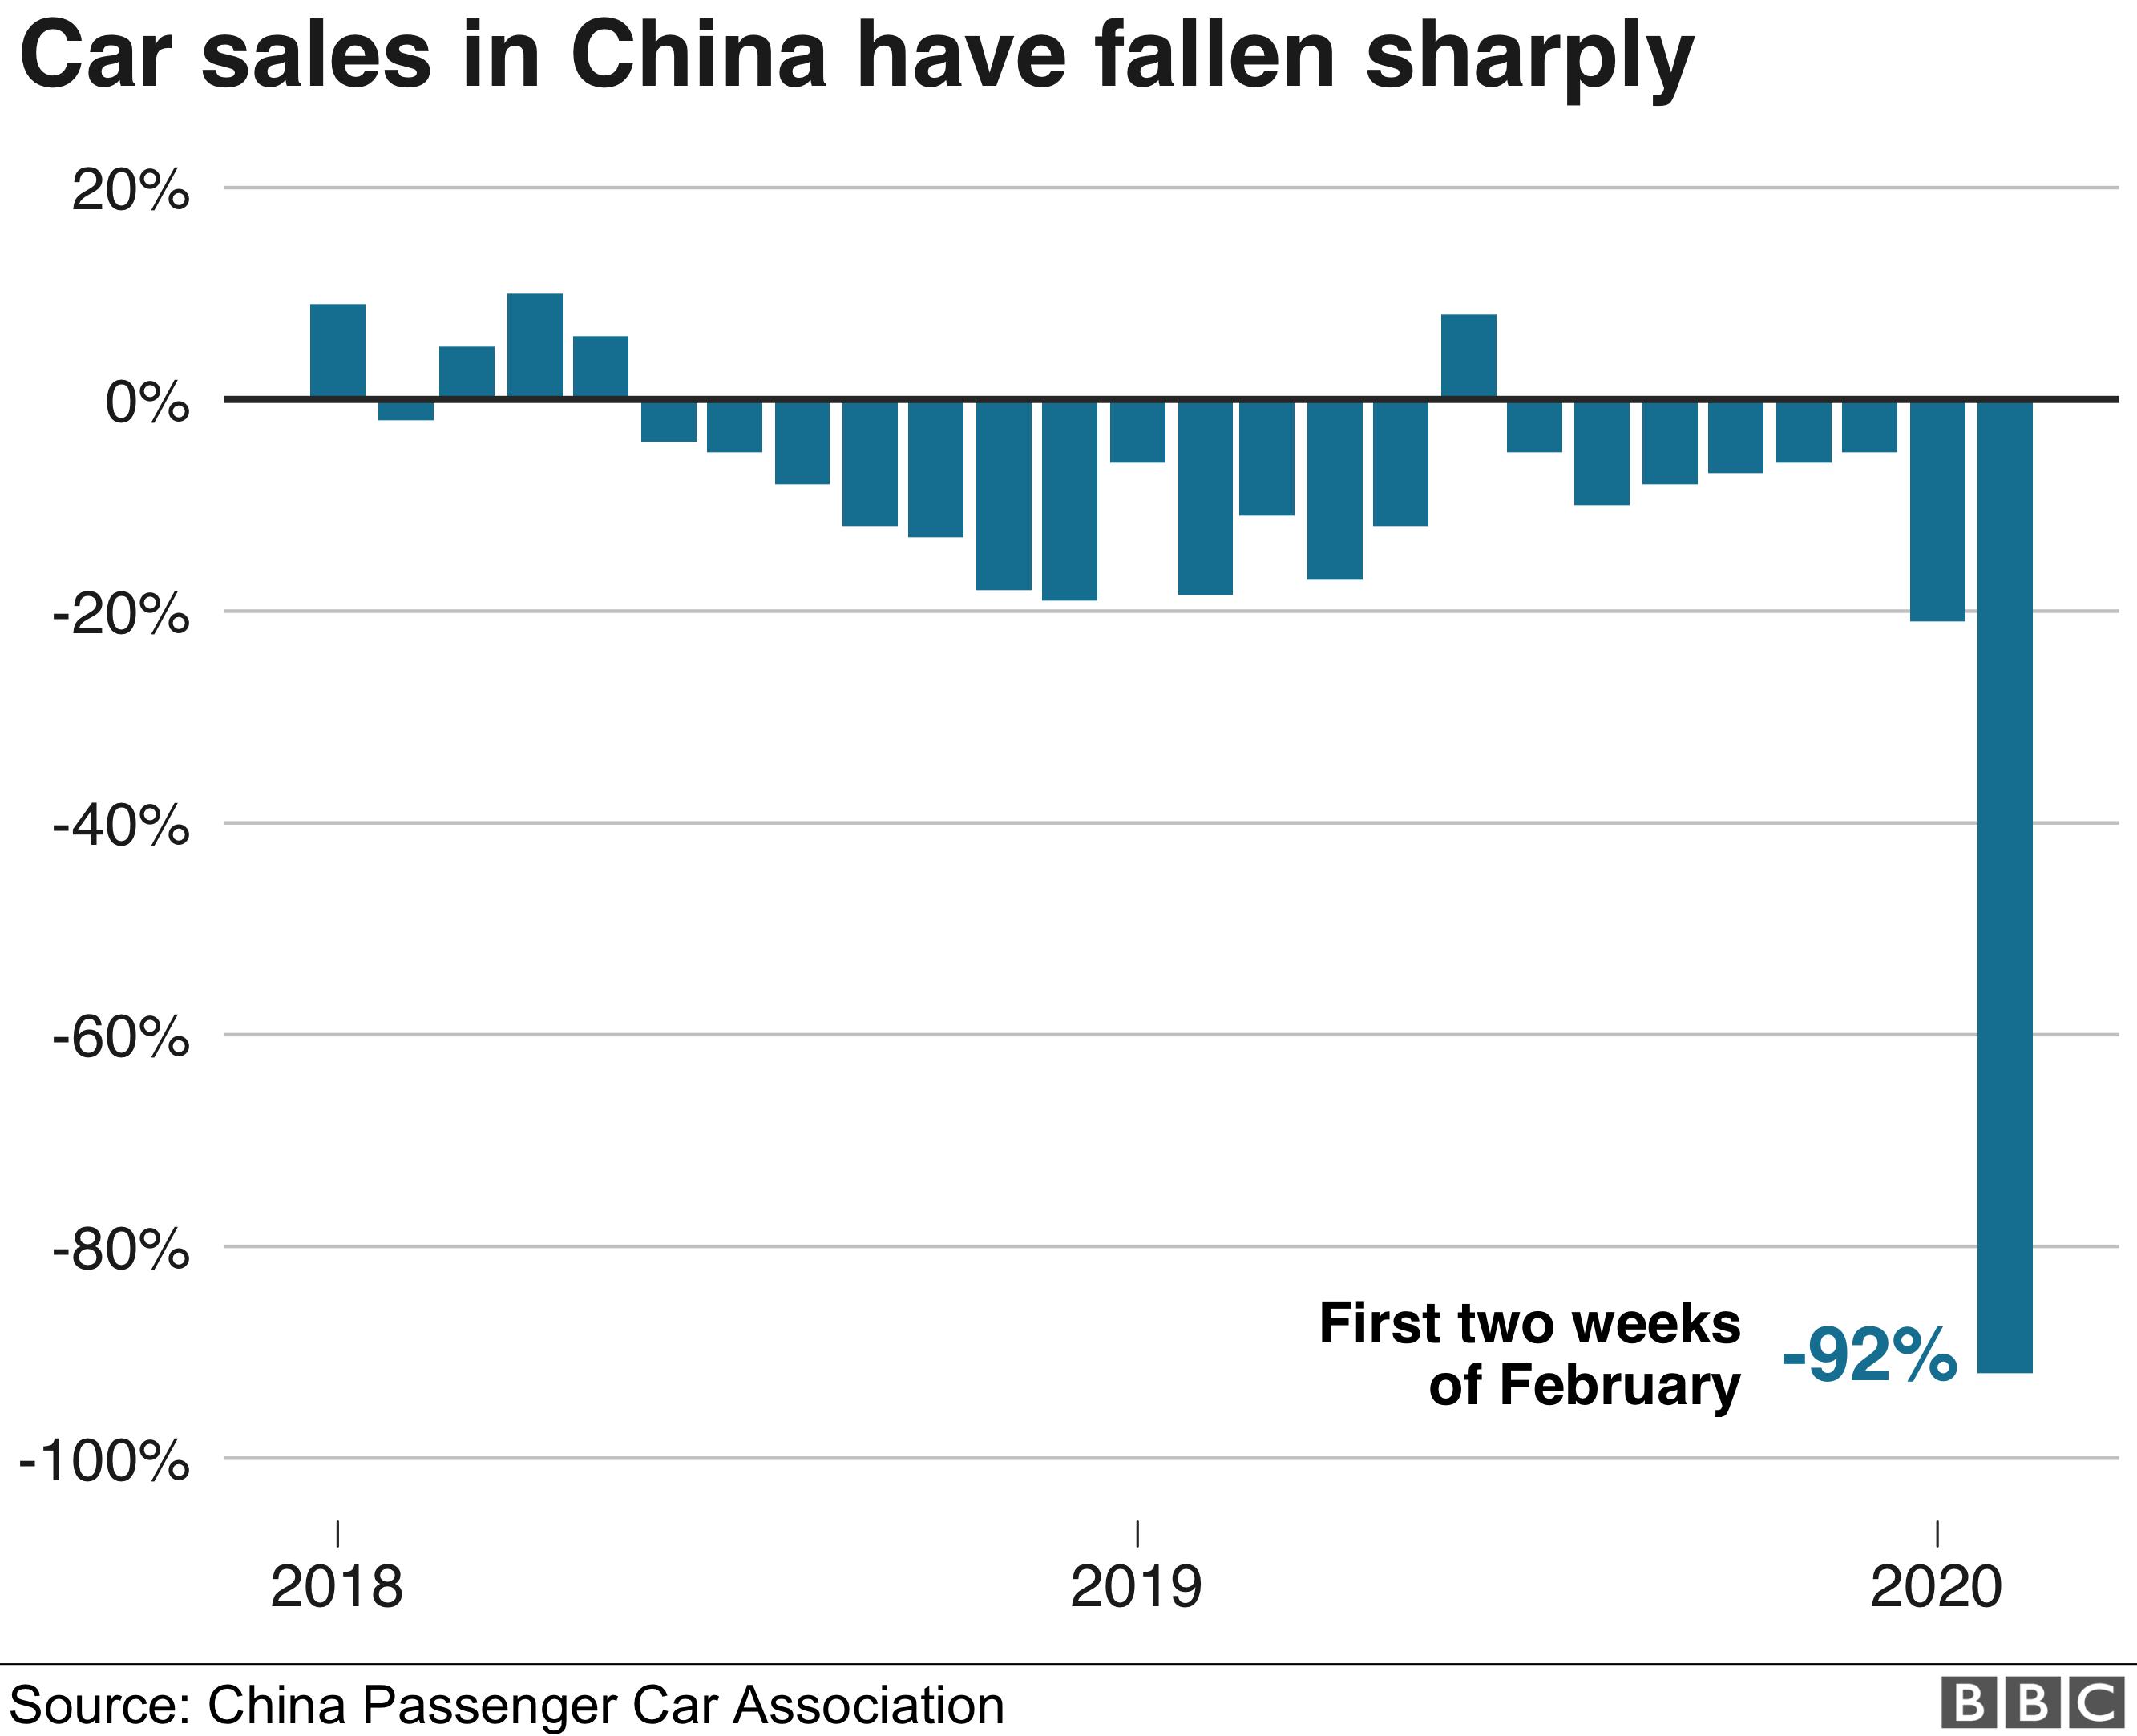 Chart showing China car sales